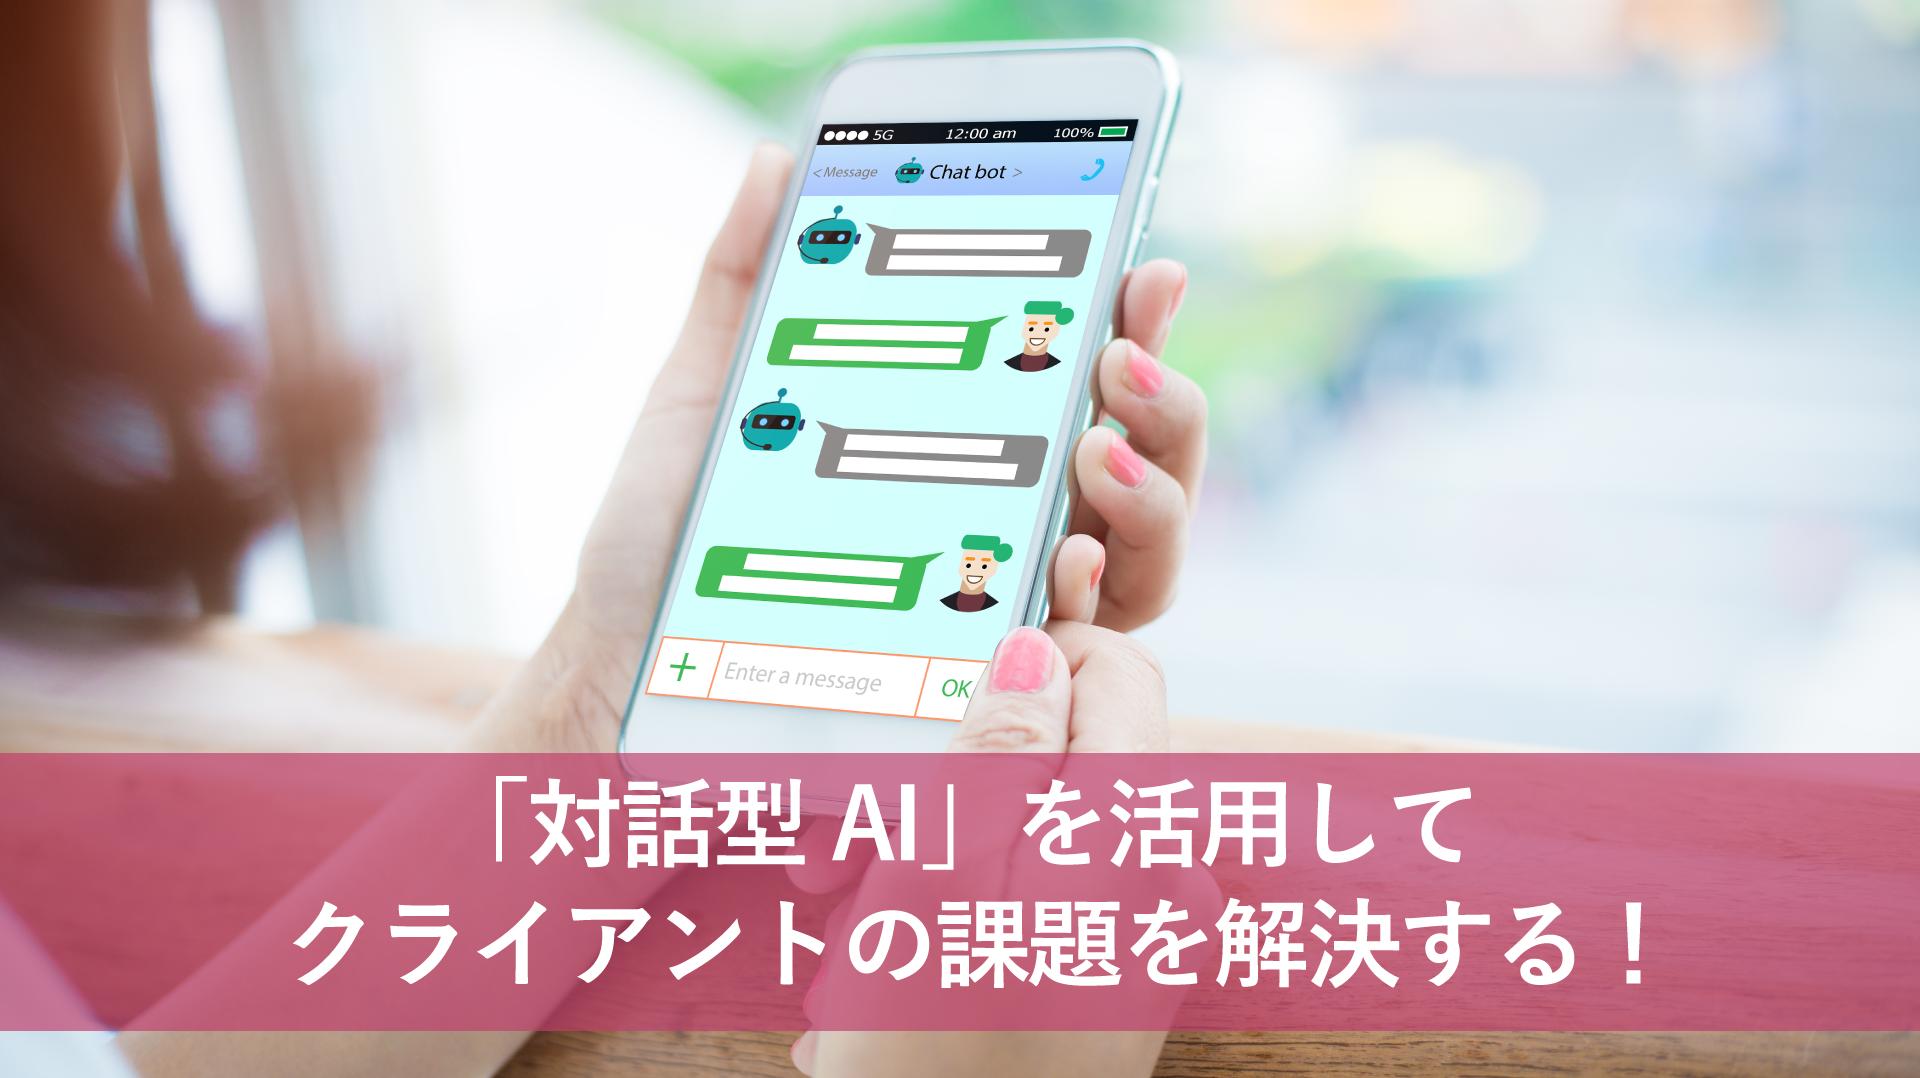 「対話型AI」を活用してクライアントの課題を解決する!